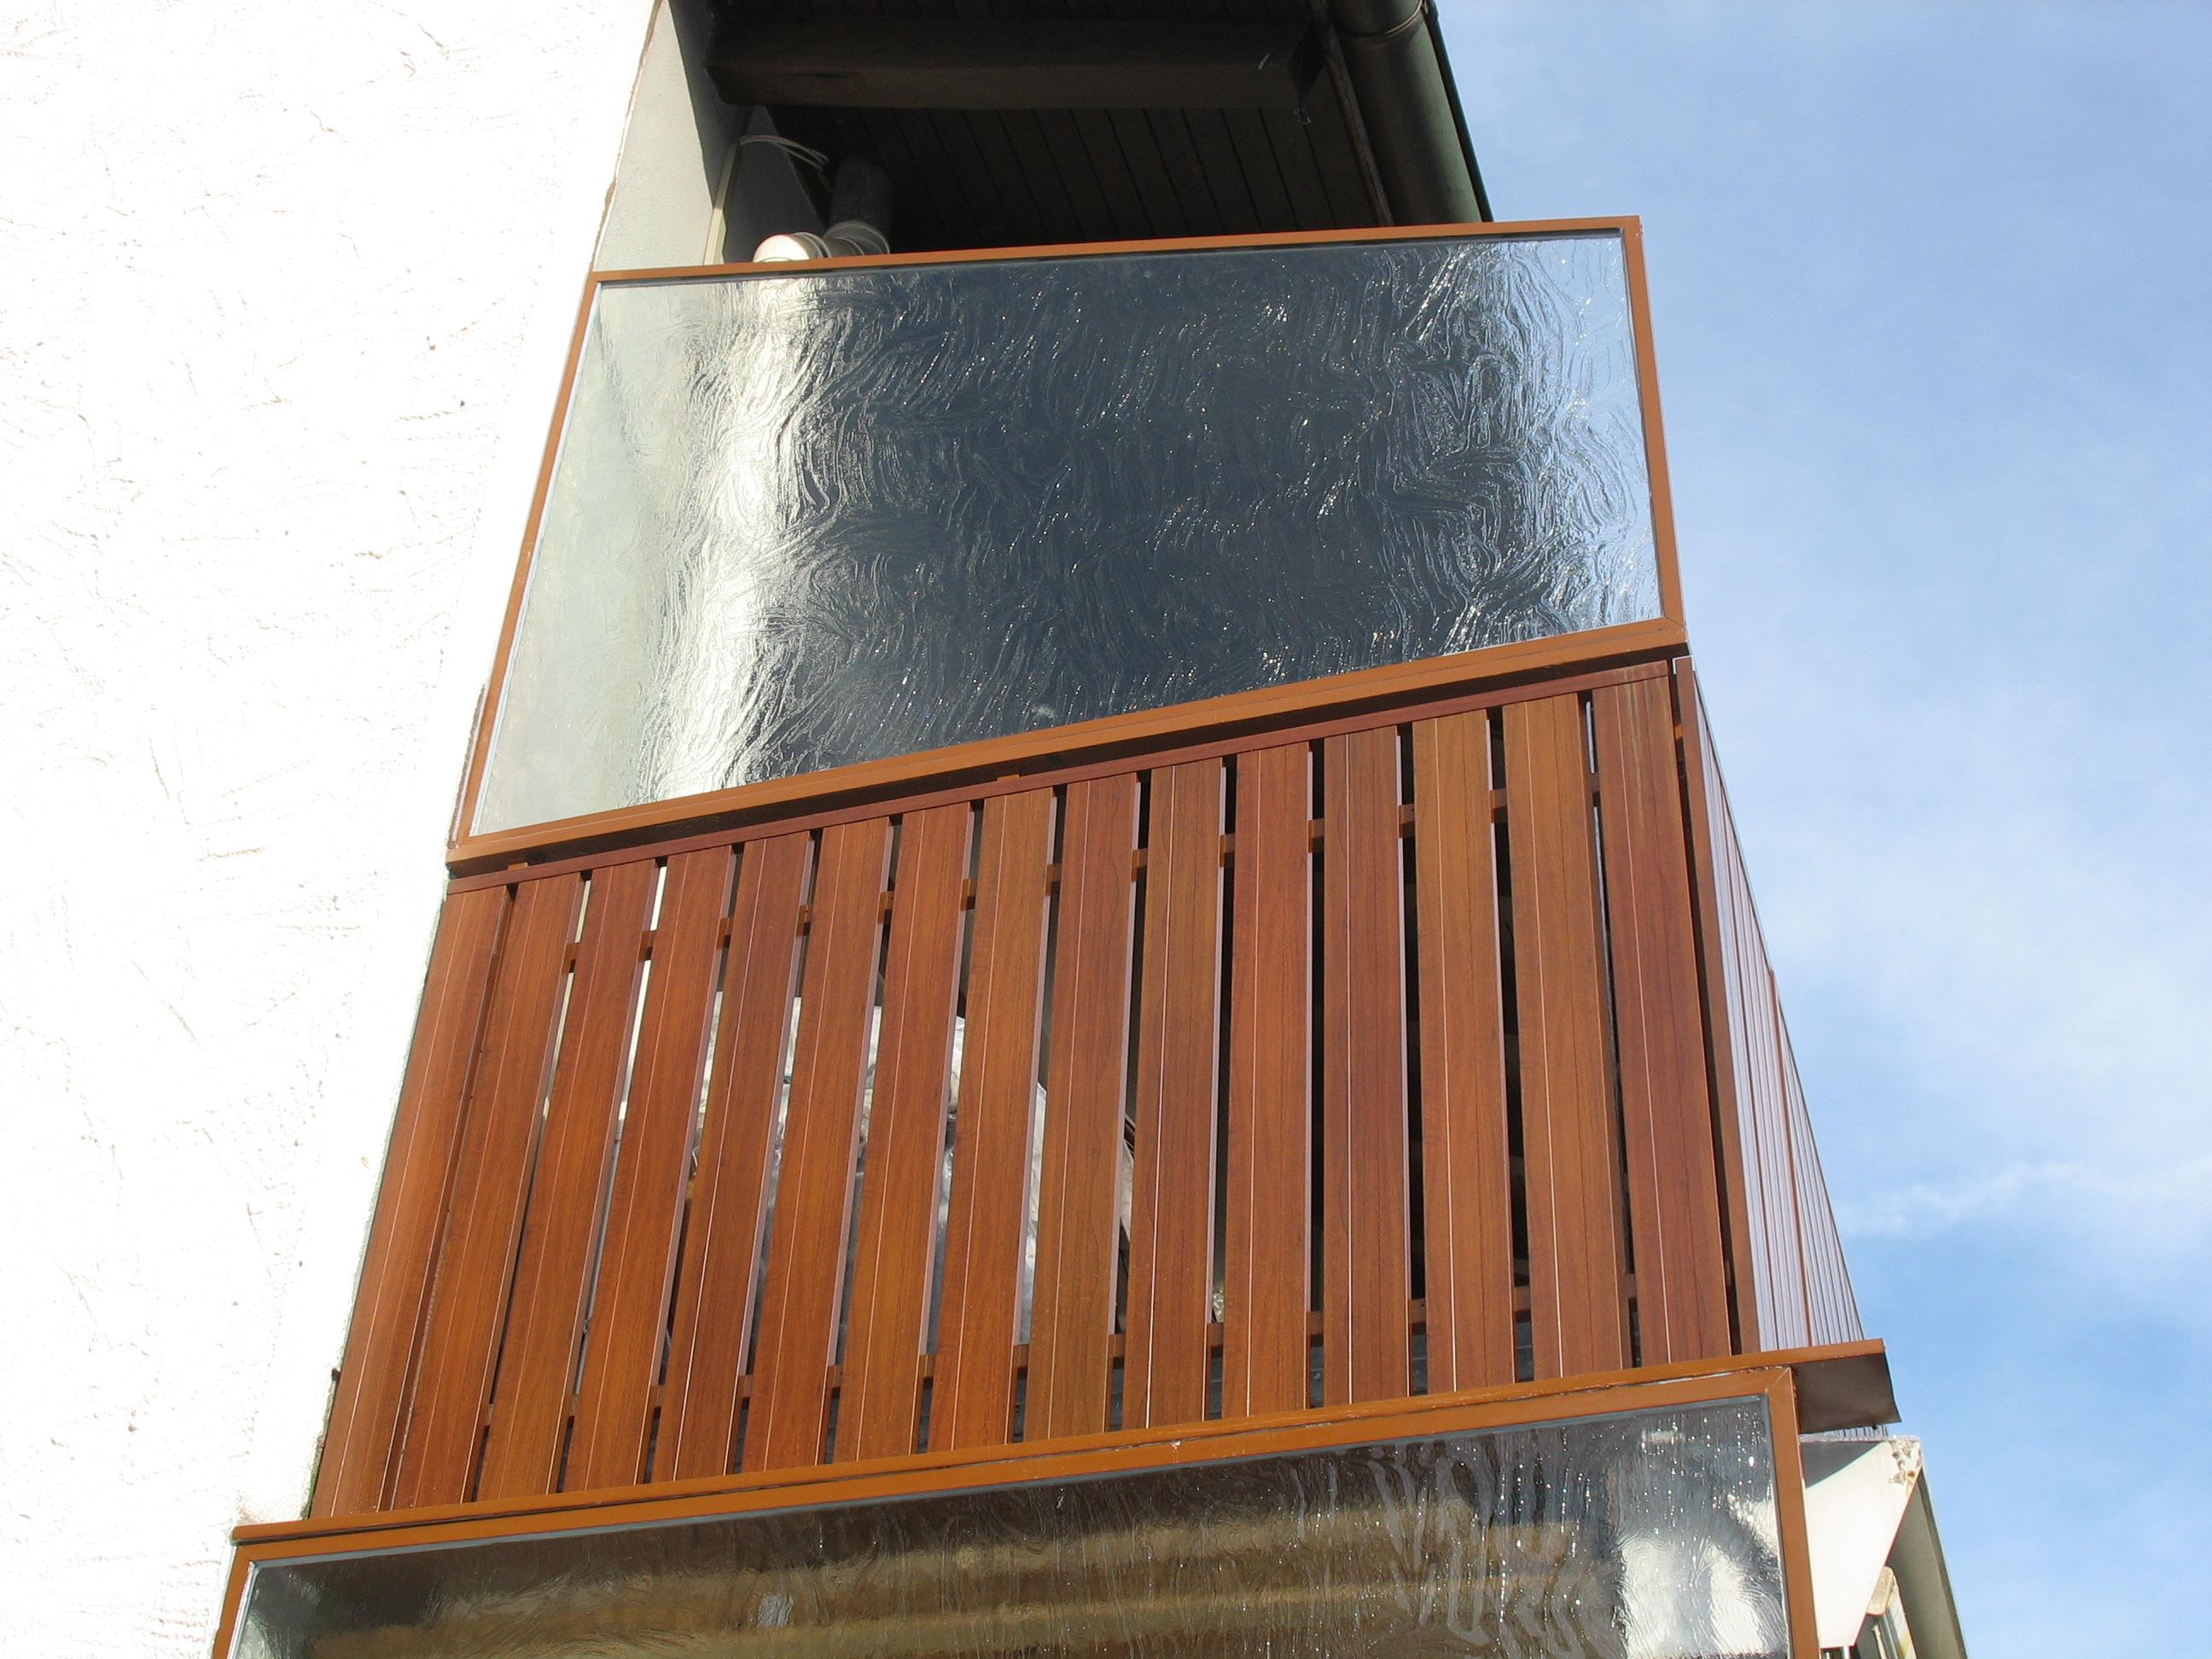 Balkonverkleidung IDEA in Holzoptik mit Windschutz auf dem Handlauf